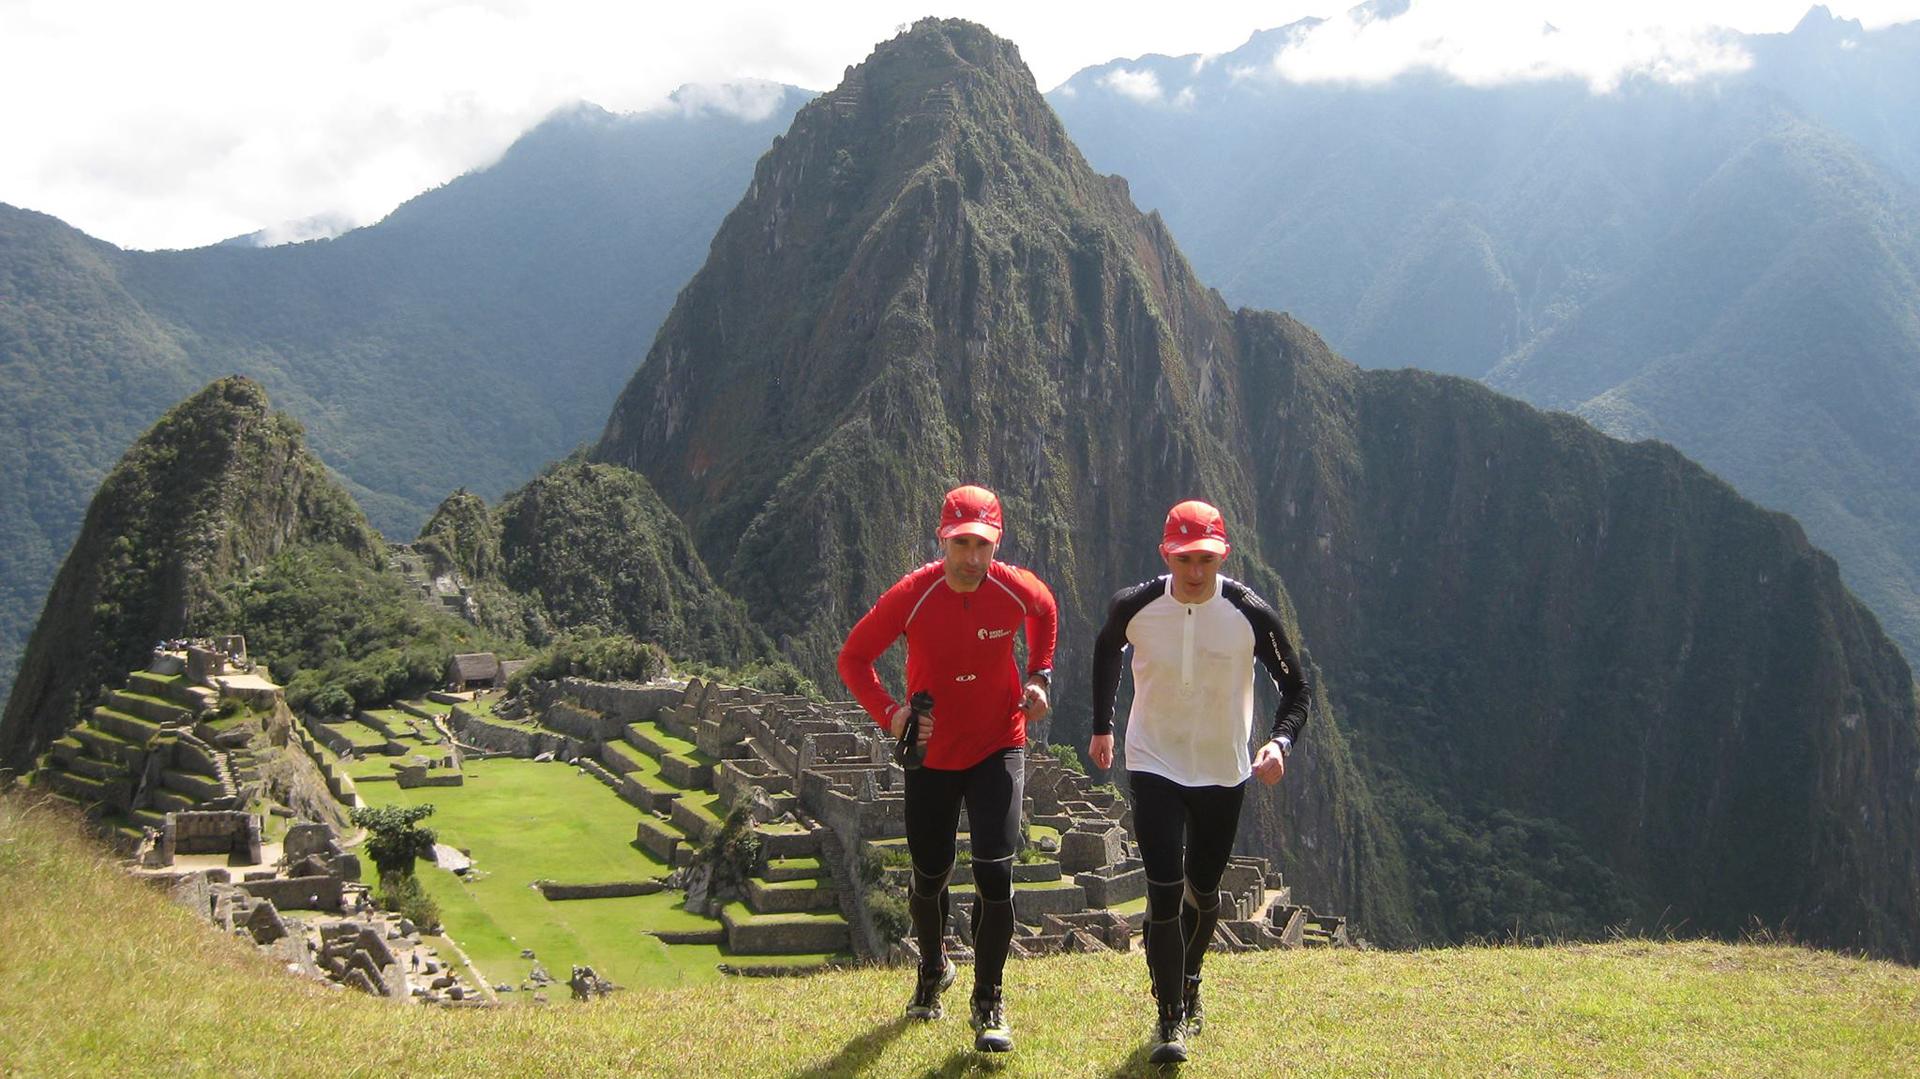 En Perú se lleva a cabo una de las maratones más exigentes (Facebook Maratón Camino del Inca)